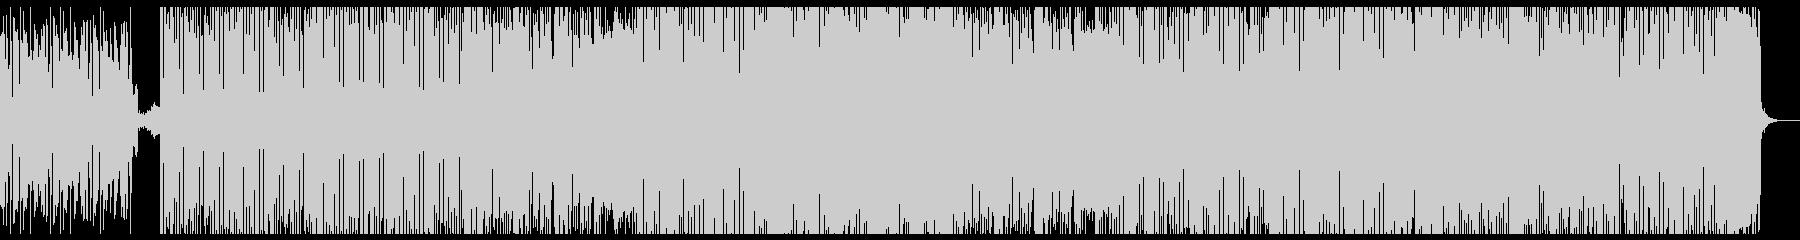 ファンクで怠惰な曲の未再生の波形